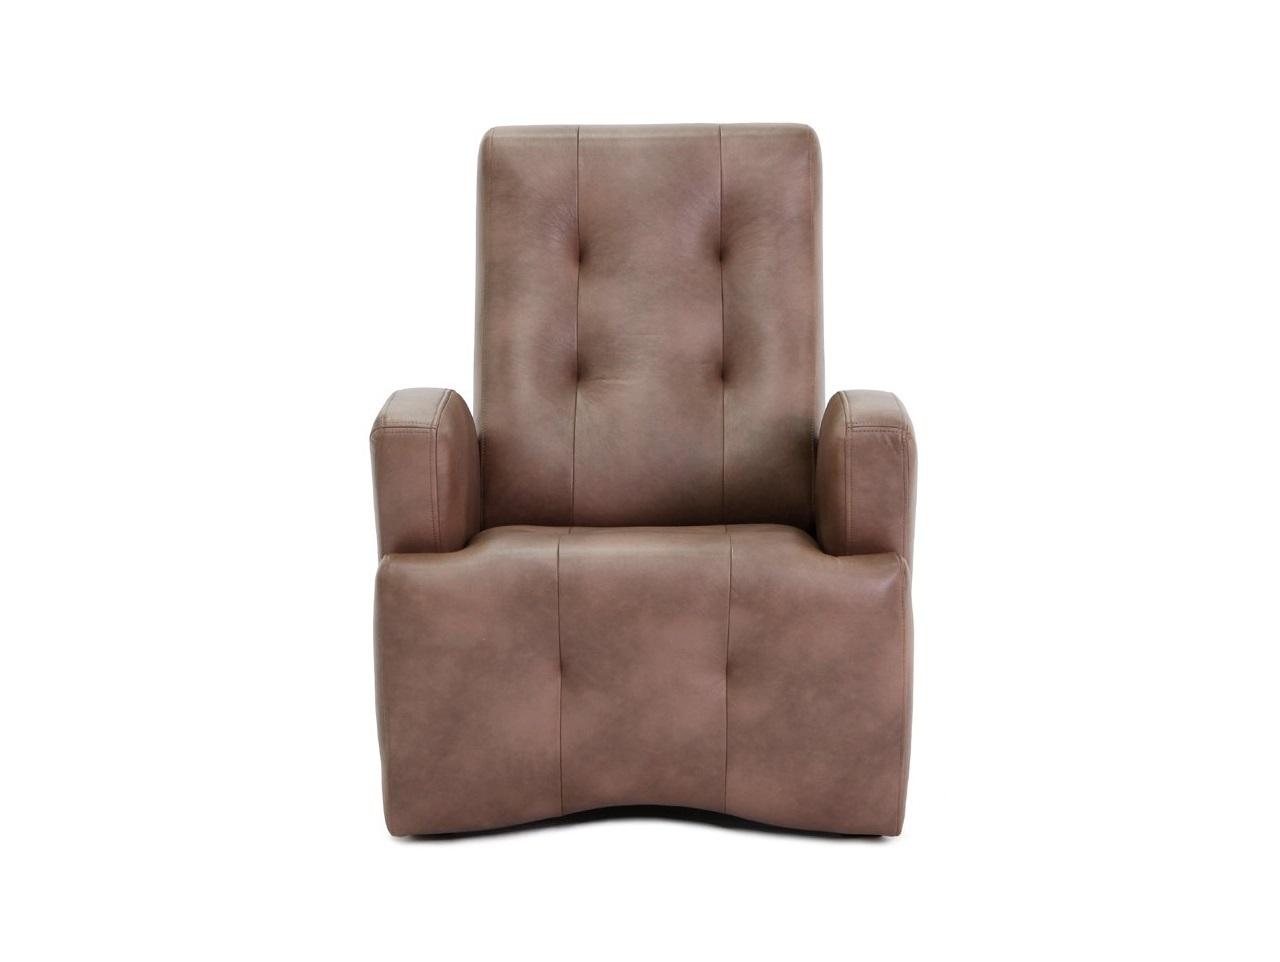 Кресло ИсидаИнтерьерные кресла<br>Стильная, эстетичная и функциональная модель. Она наполнит гармоничностью и выразит индивидуальность интерьера. На кресле &amp;quot;Исида&amp;quot; удобно и комфортно сидеть. Входит в комплект к прямому дивану &amp;quot;Исида&amp;quot;.&amp;amp;nbsp;&amp;lt;div&amp;gt;&amp;lt;br&amp;gt;&amp;lt;/div&amp;gt;&amp;lt;div&amp;gt;&amp;amp;nbsp;В конструкции каркаса используются: шлифованная фанера, строганный брус хвойных пород, ДСП ламинированная.&amp;lt;/div&amp;gt;&amp;lt;div&amp;gt;Мягкий настил включает в себя:на спинке - высокоэластичные ППУ, синтепон; на сидении - двухслойный пакет из ППУ, повышенной долговечности, лежащий на переплетенных эластичных ремнях, синтепон.&amp;lt;/div&amp;gt;&amp;lt;div&amp;gt;&amp;lt;br&amp;gt;&amp;lt;/div&amp;gt;<br><br>Material: Экокожа<br>Ширина см: 75<br>Высота см: 101<br>Глубина см: 91